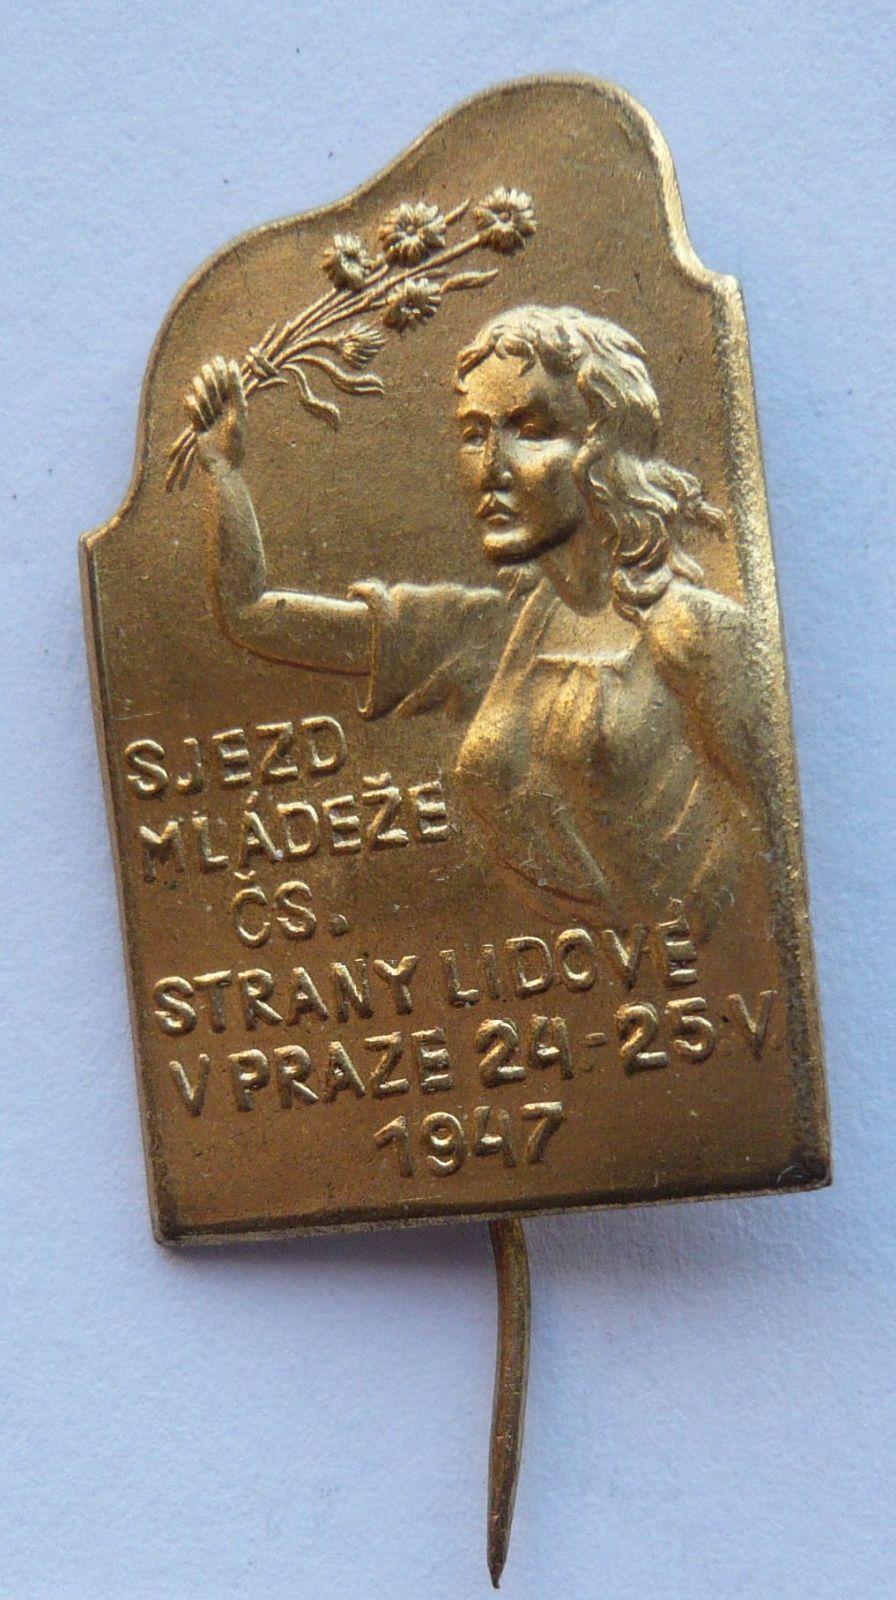 ČSR - 1947 Sjezd mládeže čs.strany lidové